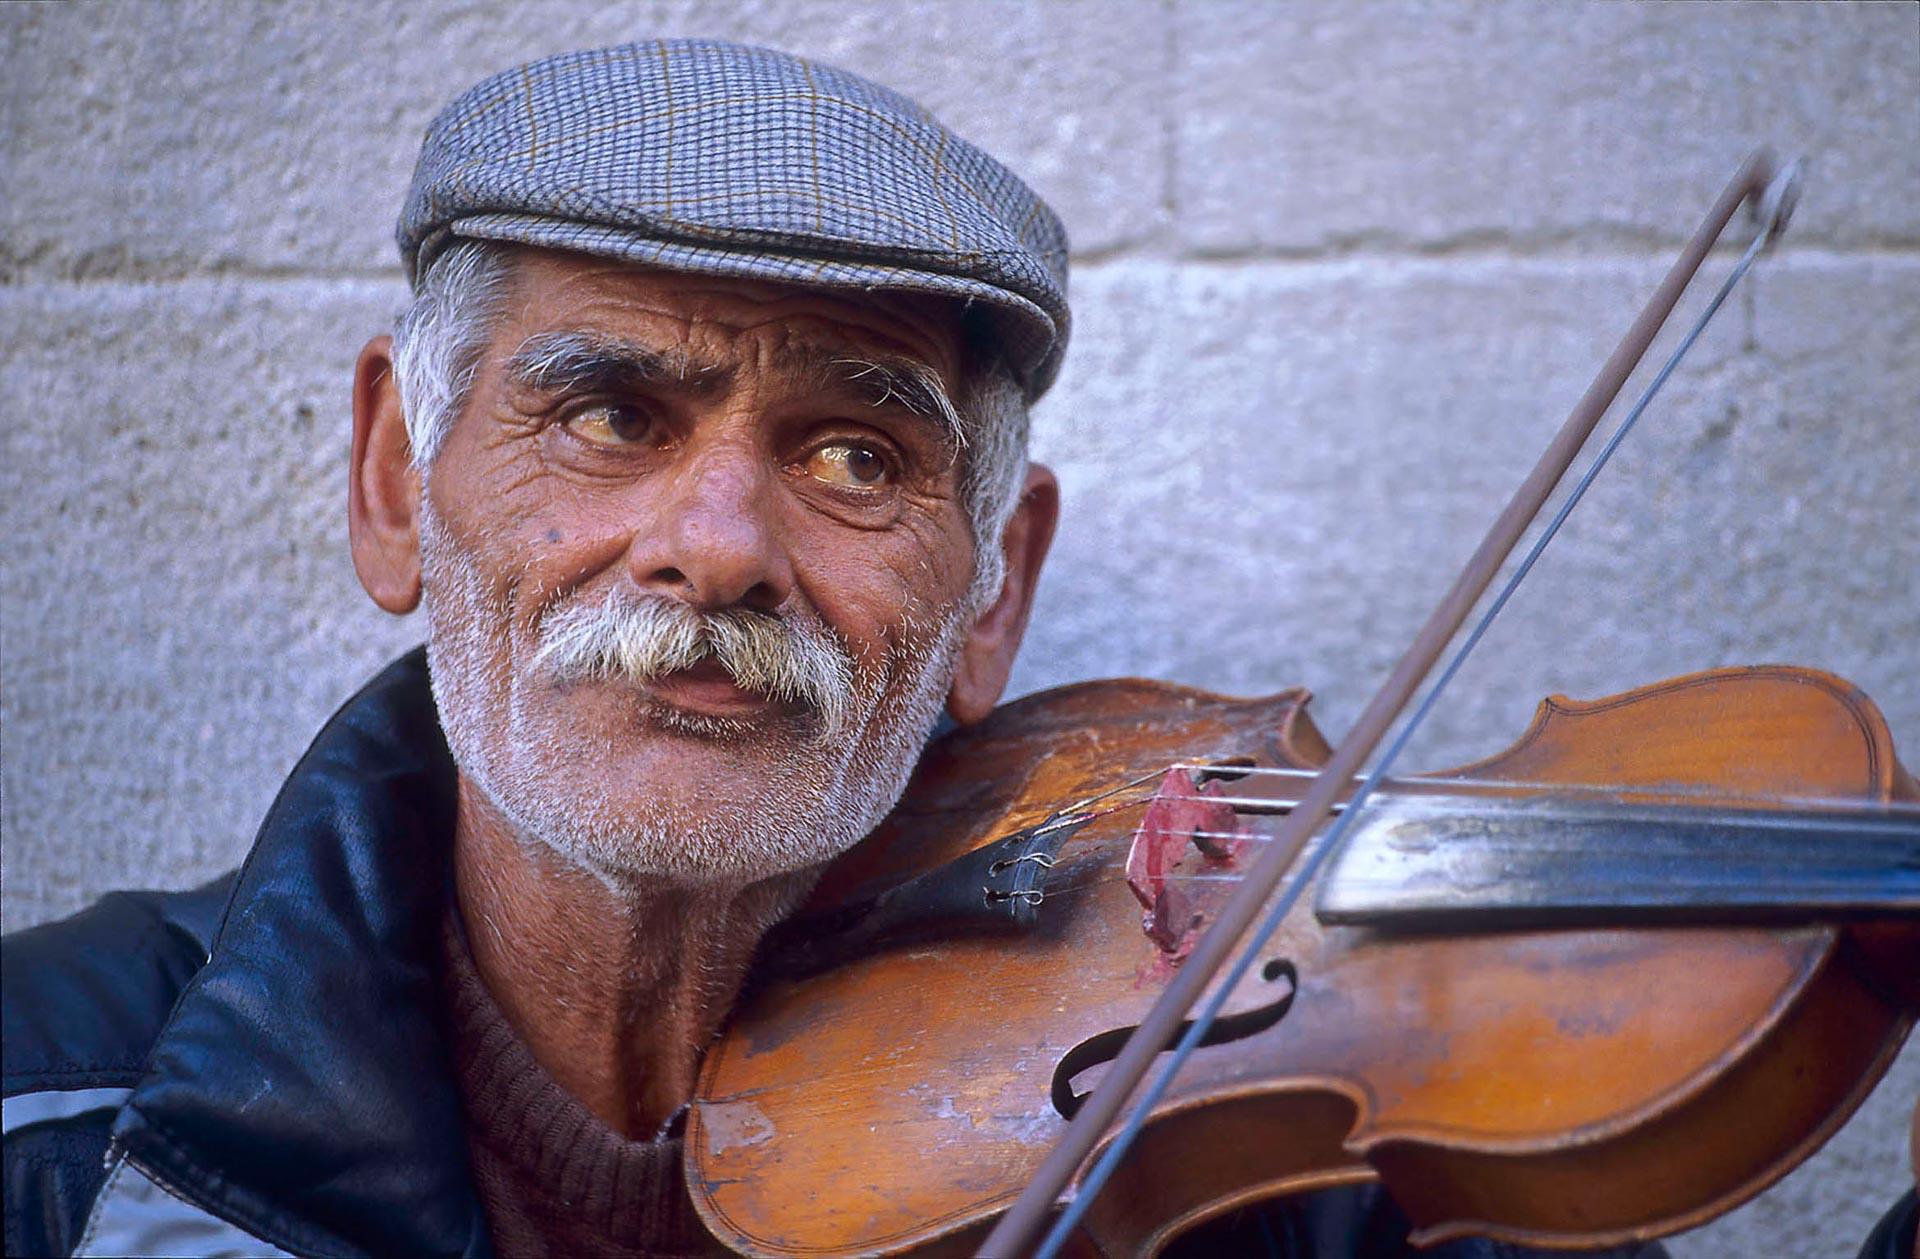 Geigenspieler in Belgrad